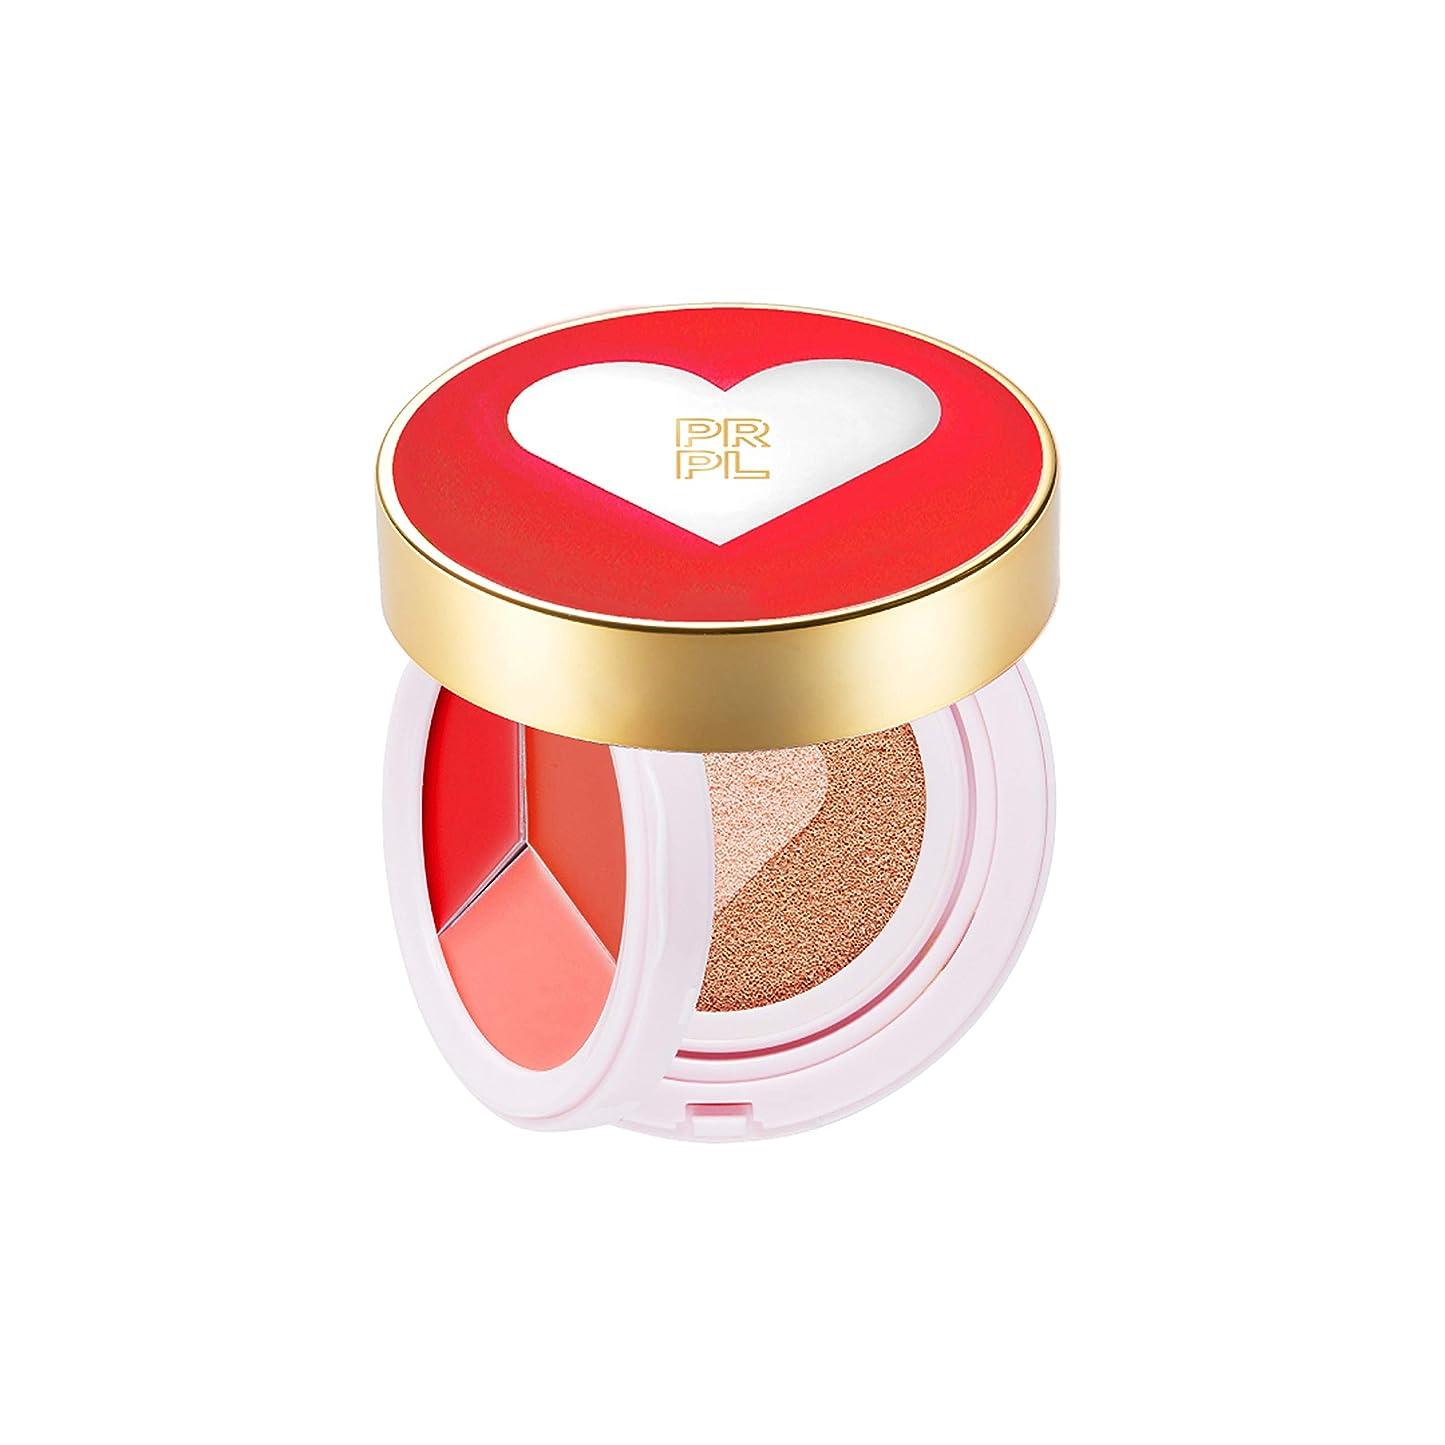 円形プレート農業のPRPL Kiss and Heart Double Cushion (Red Edition) #21 Pure Ivory - Korean Make-up, Cushion Foundation, Korean Beauty, Lip and Cheek, Dual Cushion